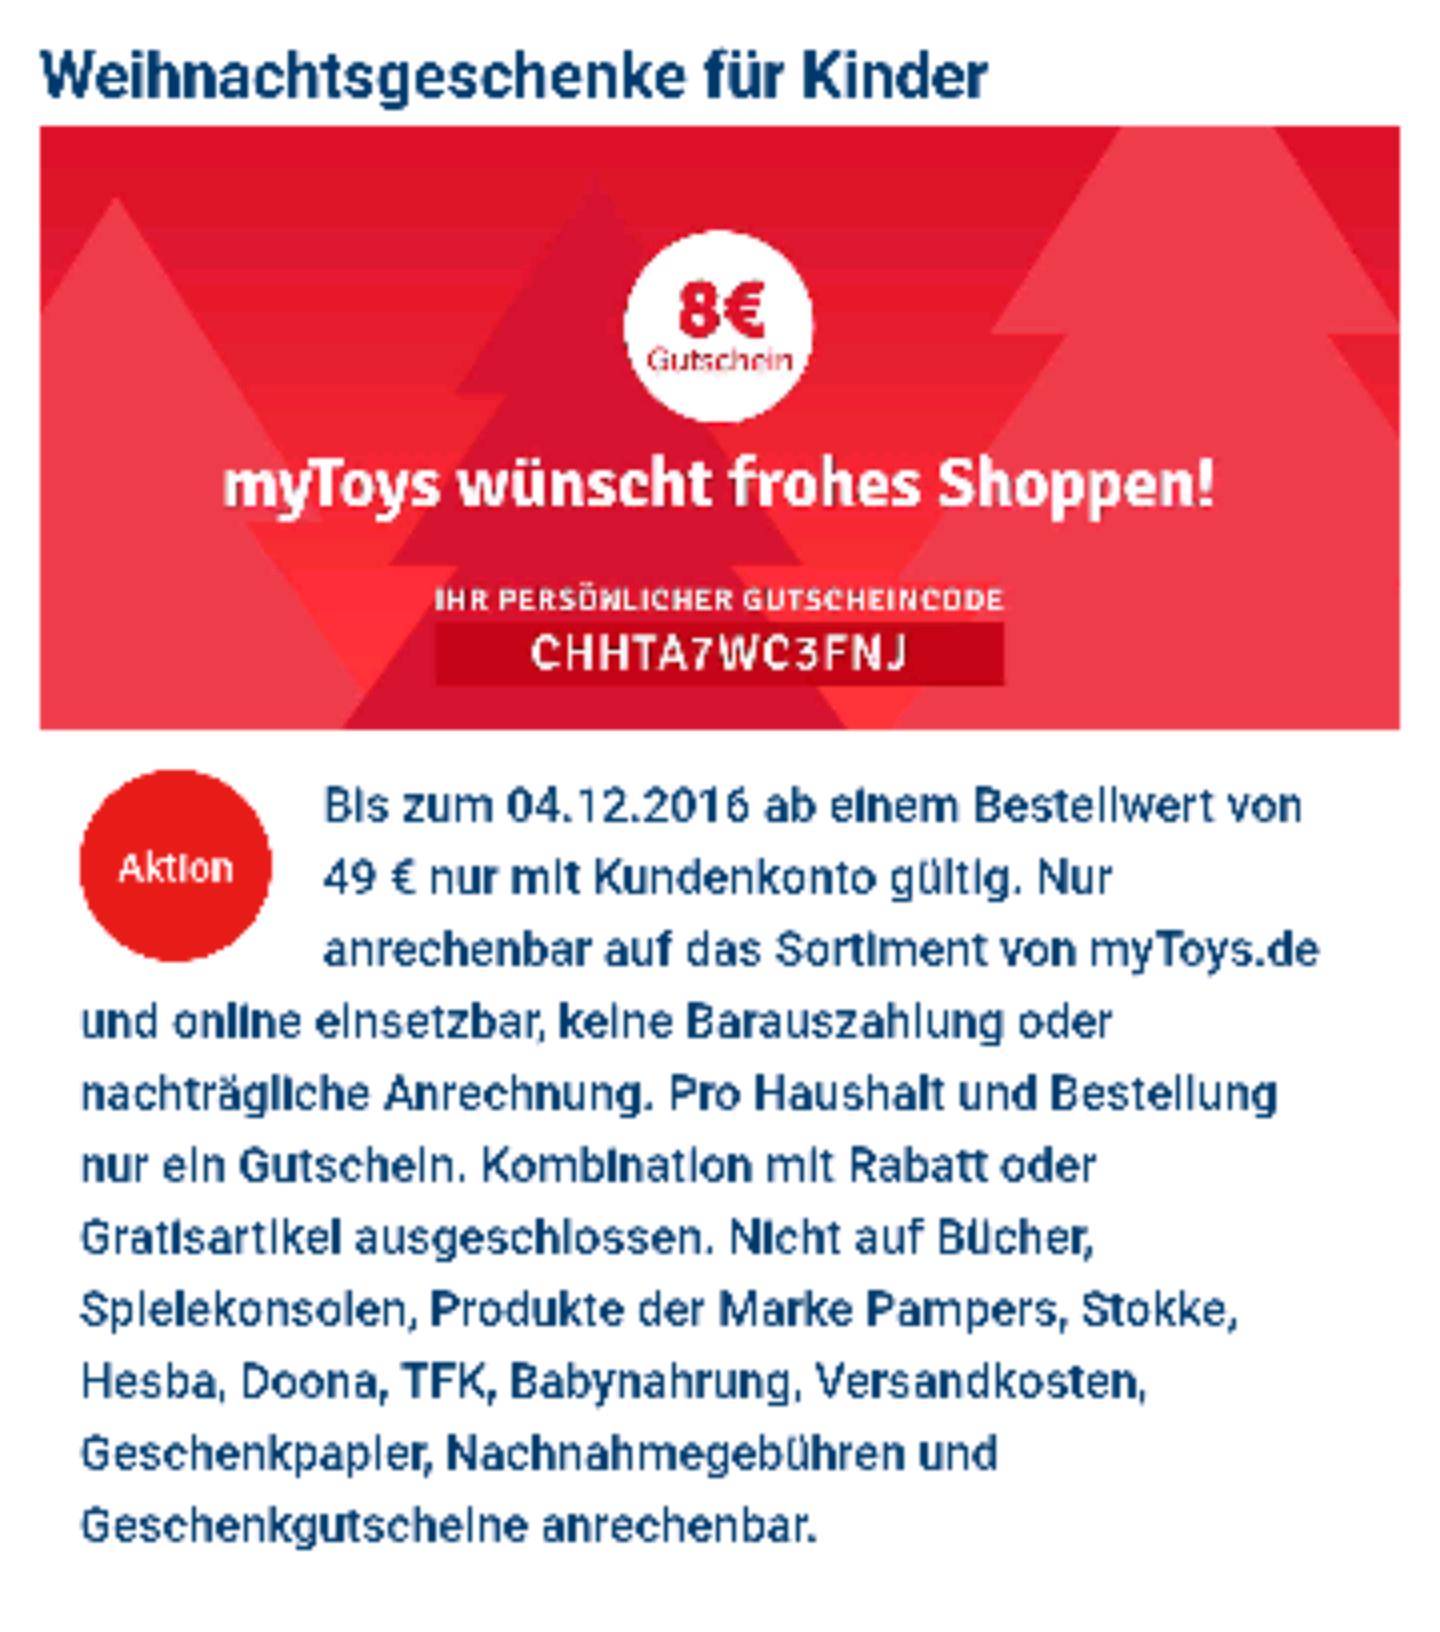 mytoys.de 8€ Gutschein bei 49€ MBW mit Kundenkonto